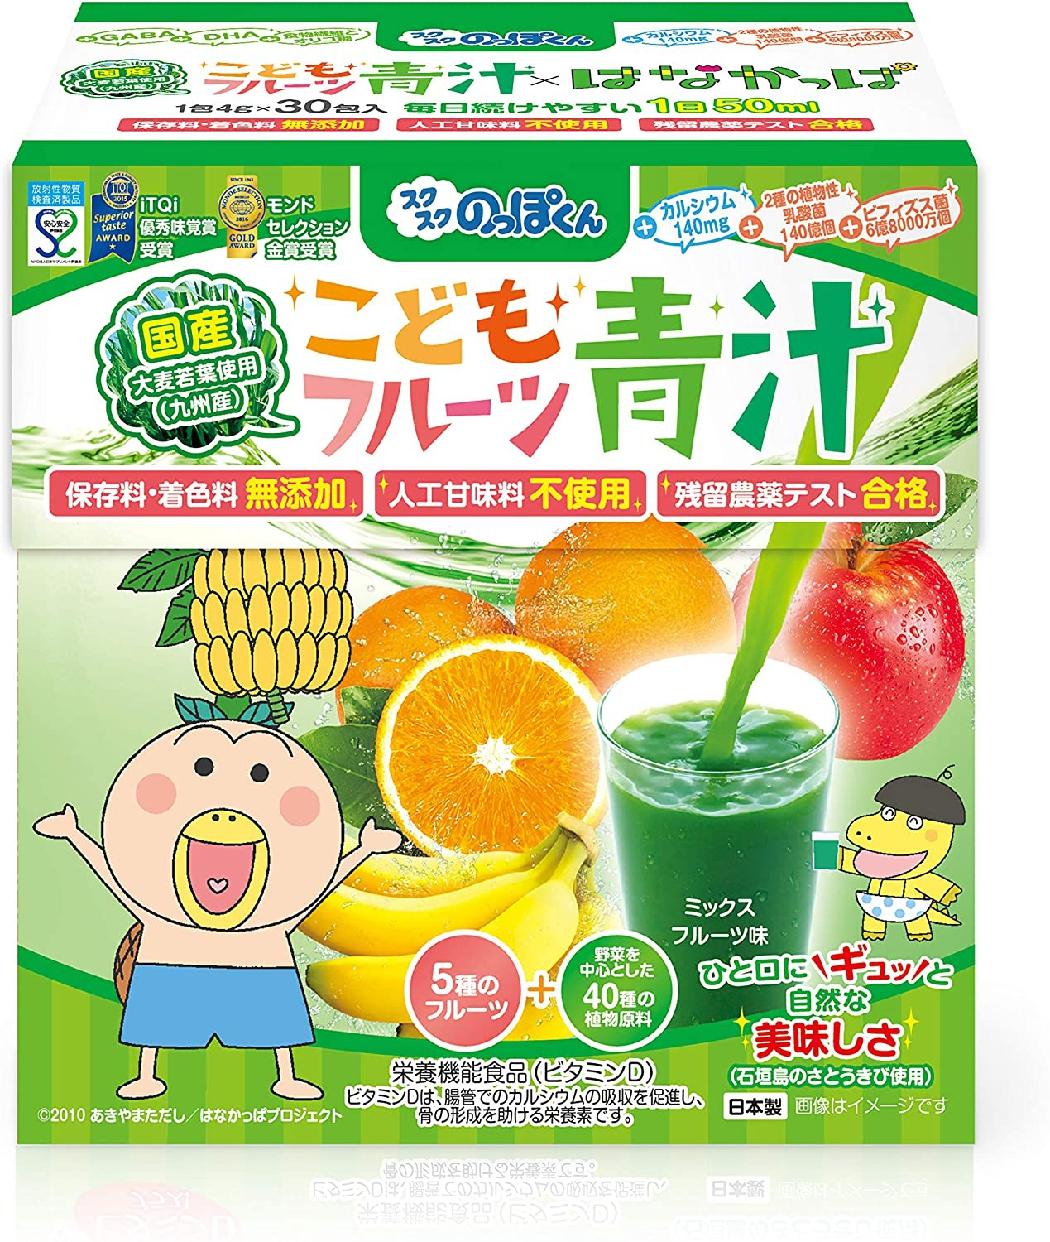 スクスクノッポクンこどもフルーツ青汁の商品画像